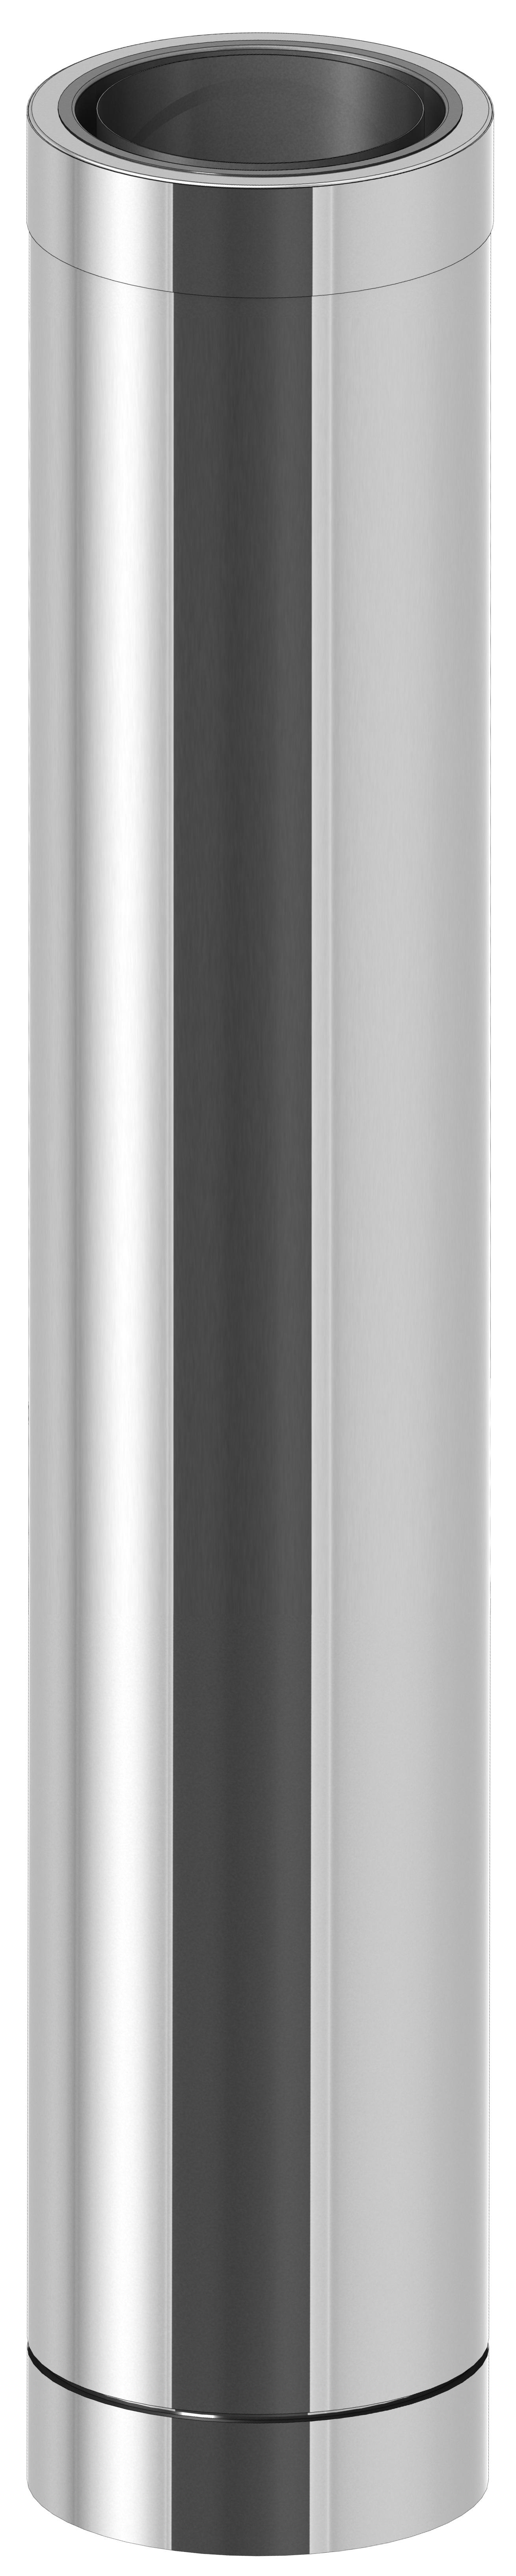 Edelstahlschornstein - Längenelement 1000 mm mit Wandfutter kürzbar - doppelwandig - Jeremias DW-ECO